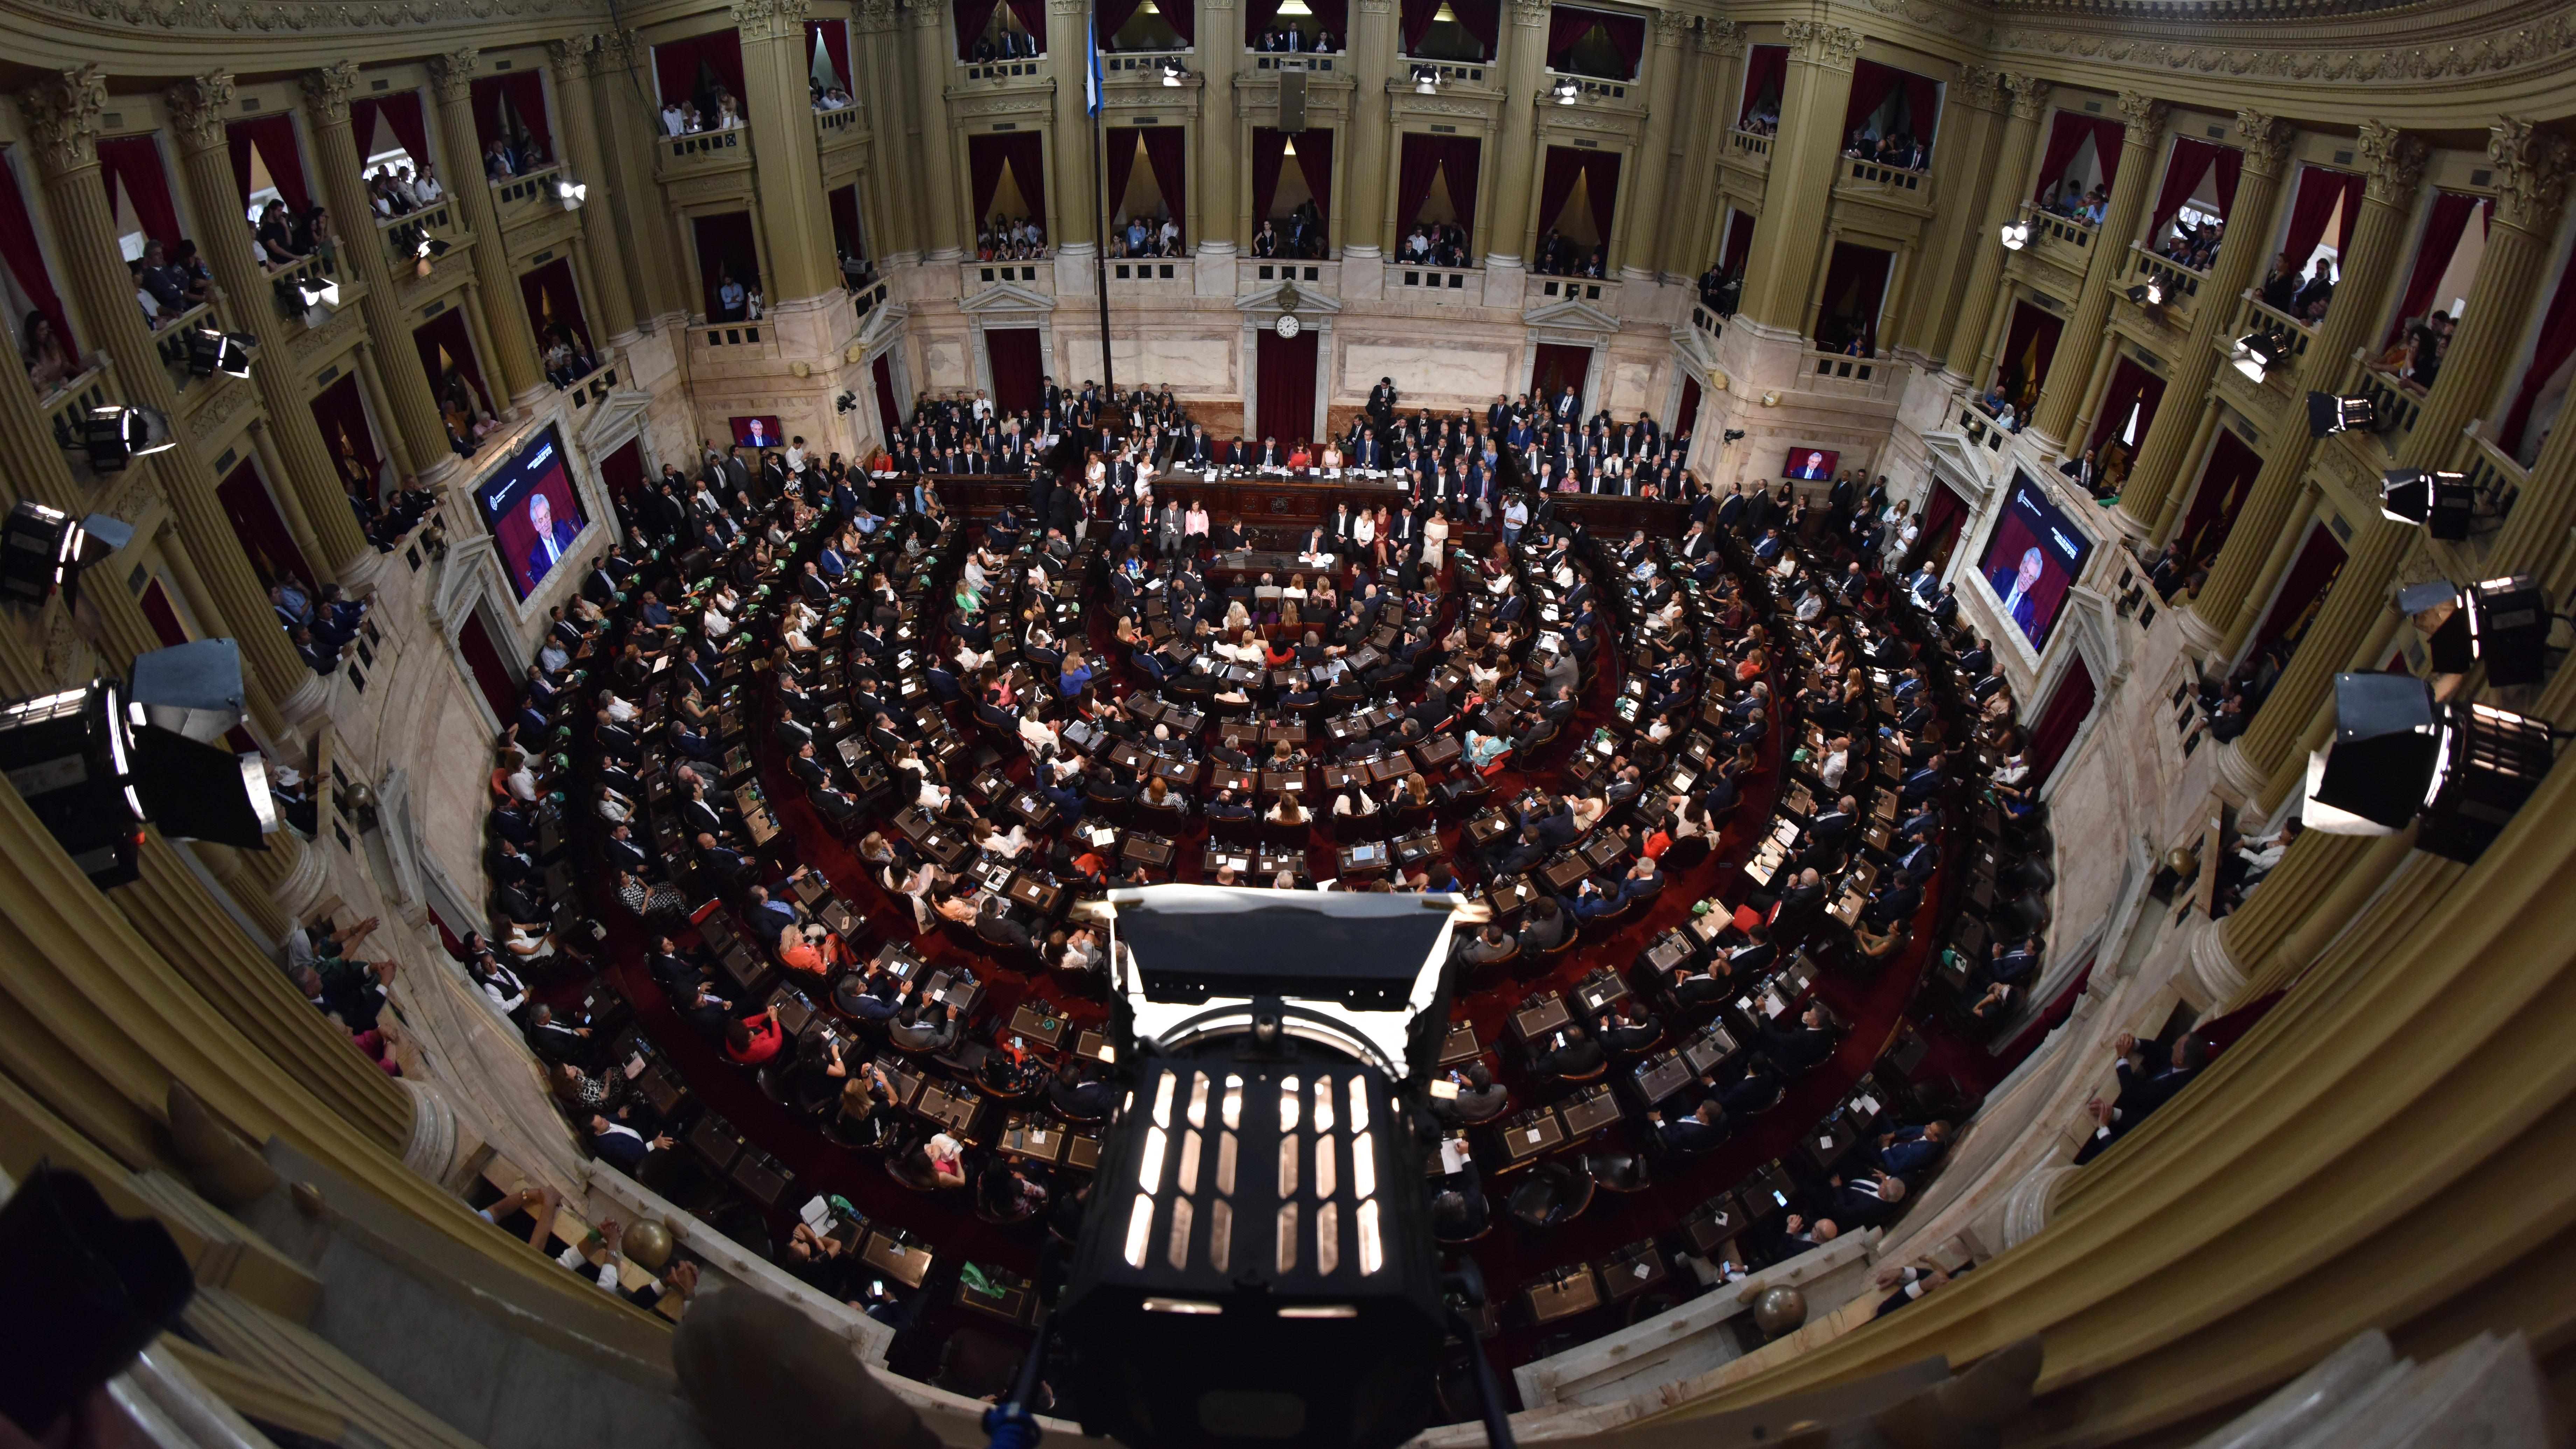 El plano cenital de la Cámara de Diputados donde históricamente se celebran las aperturas de sesiones legislativas